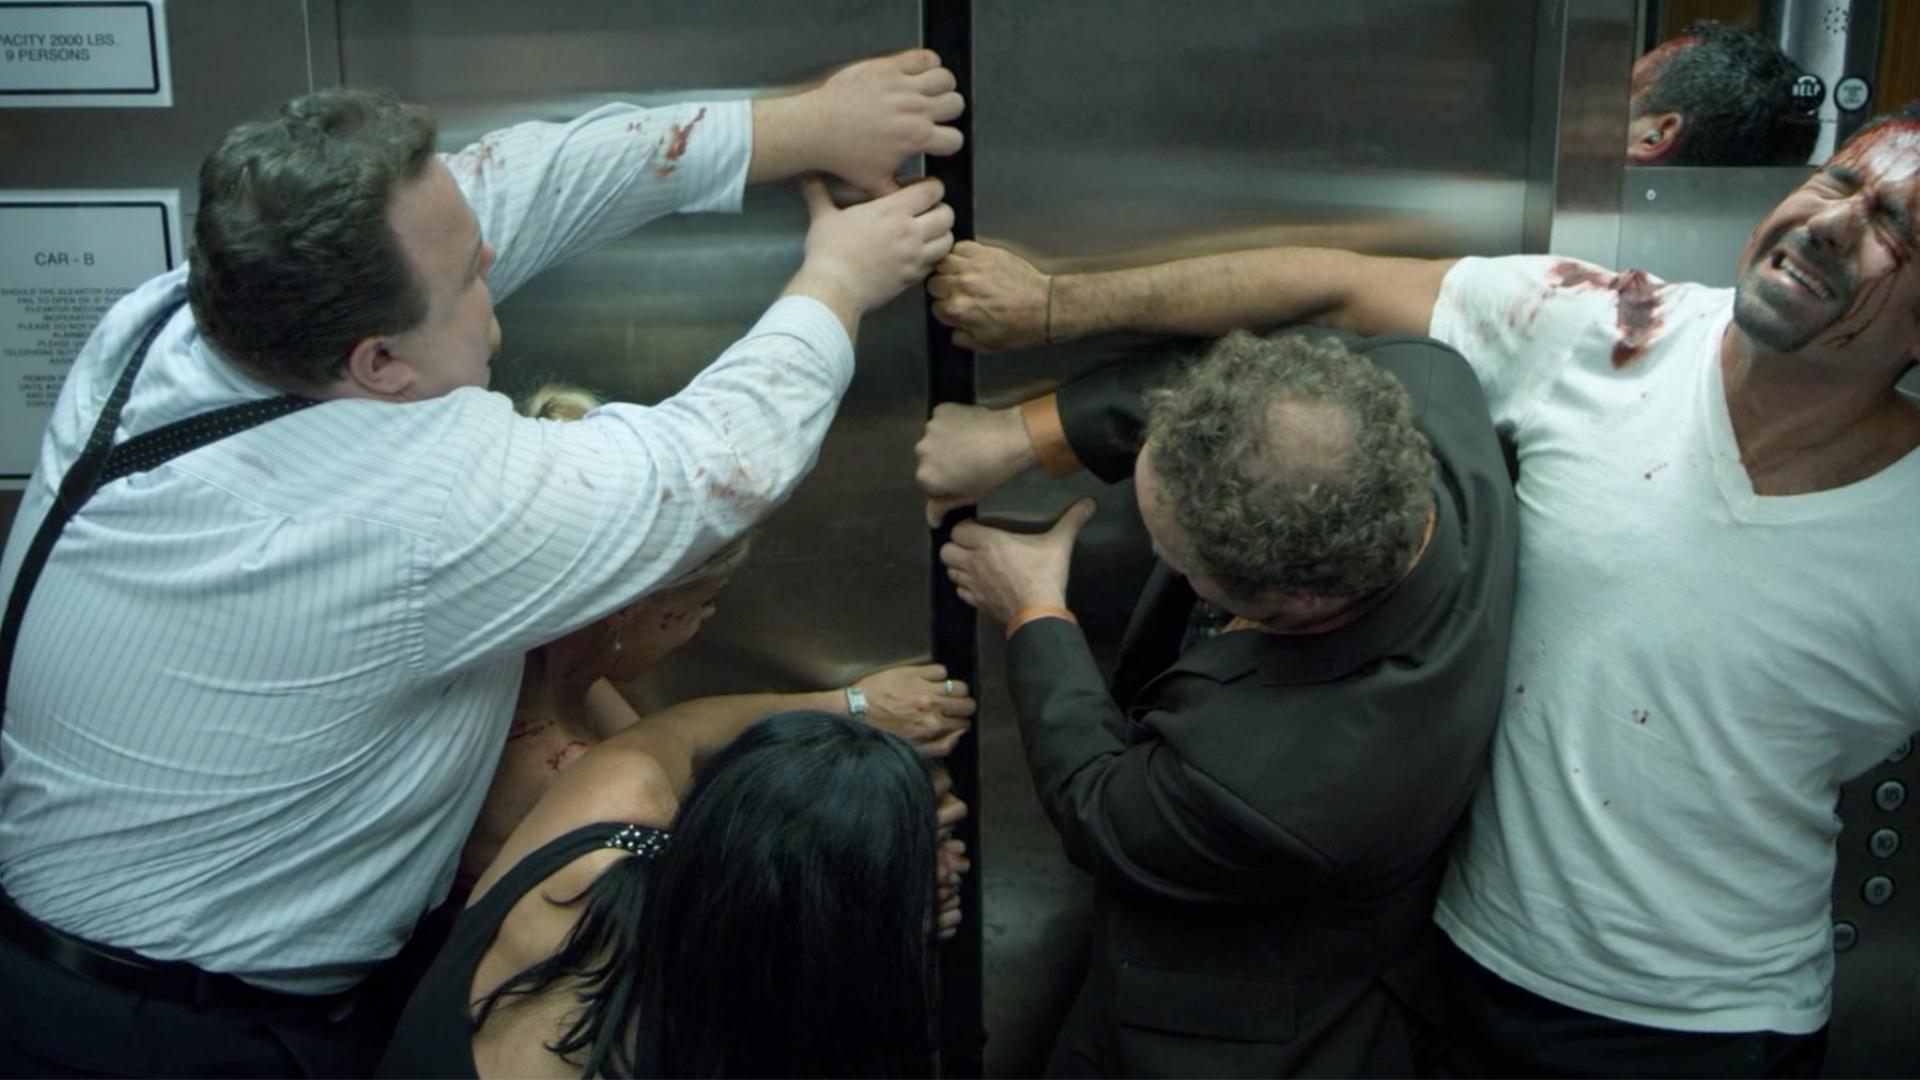 9人被困电梯,一名大妈突然死亡,等发现大妈异样后大家只想逃